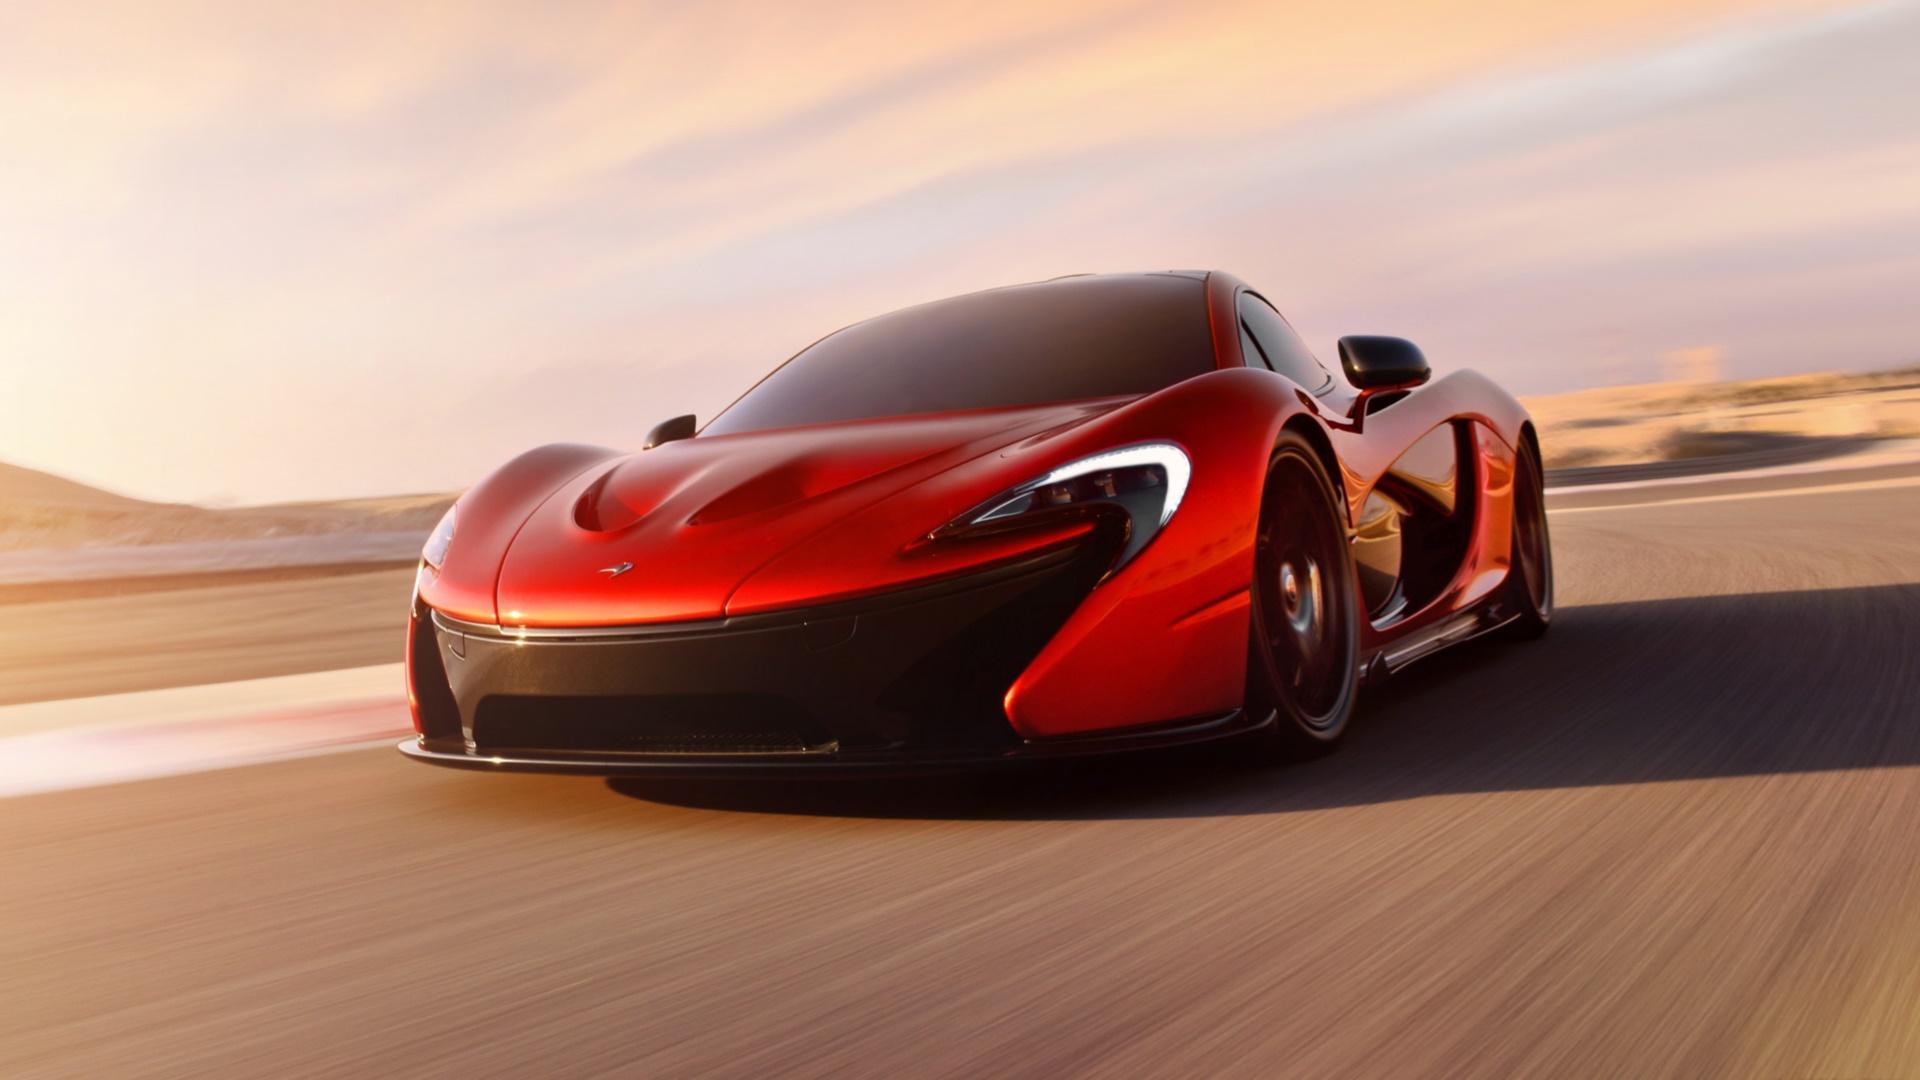 McLaren P1 HD Wallpaper